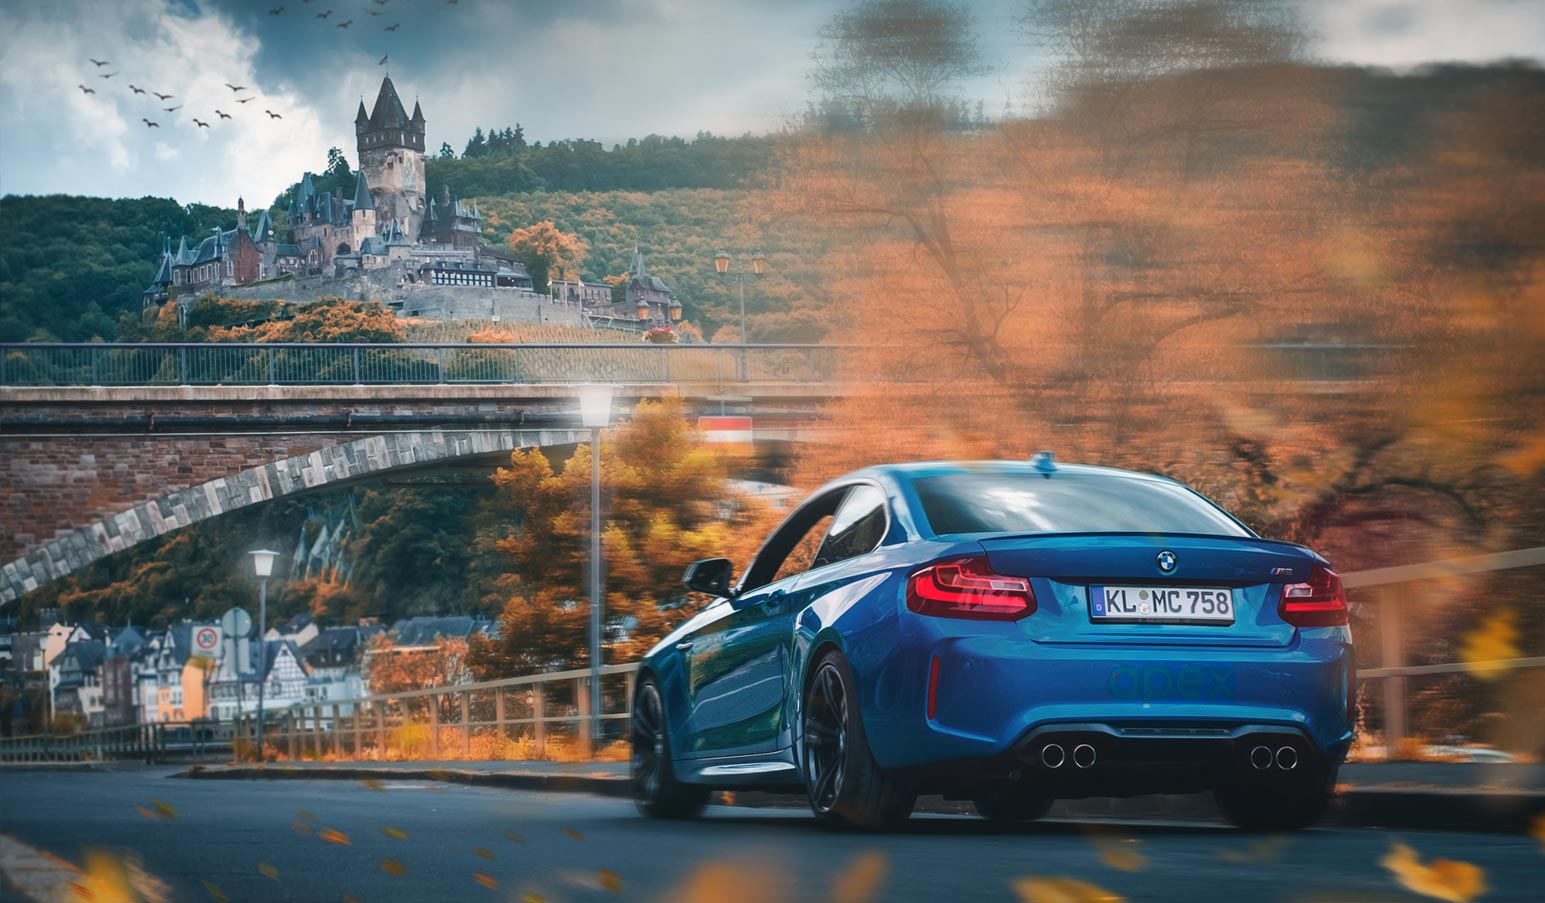 Car racing offered by apex Nürburg in Germany